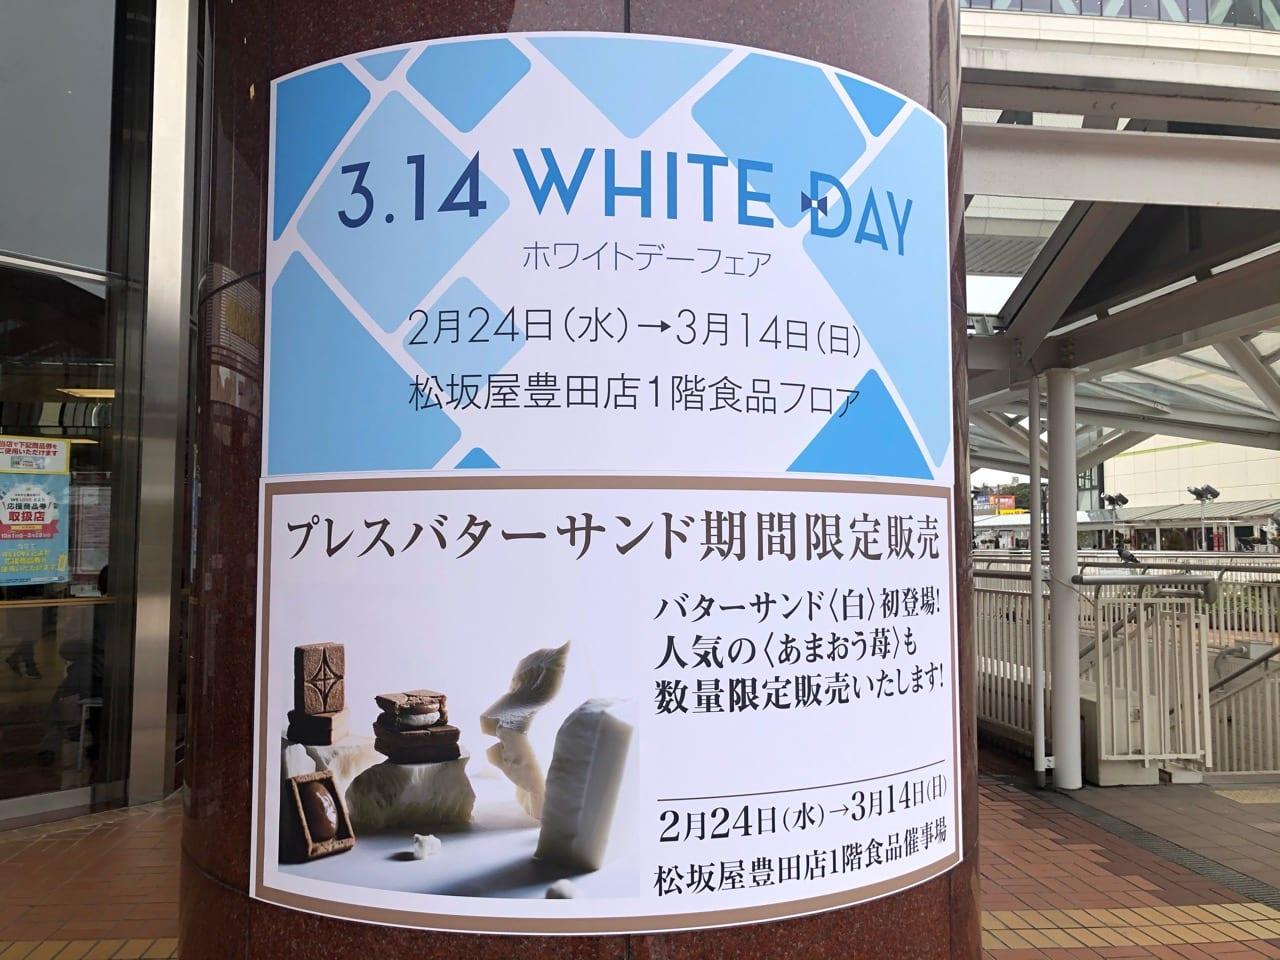 ホワイトデーフェア松坂屋